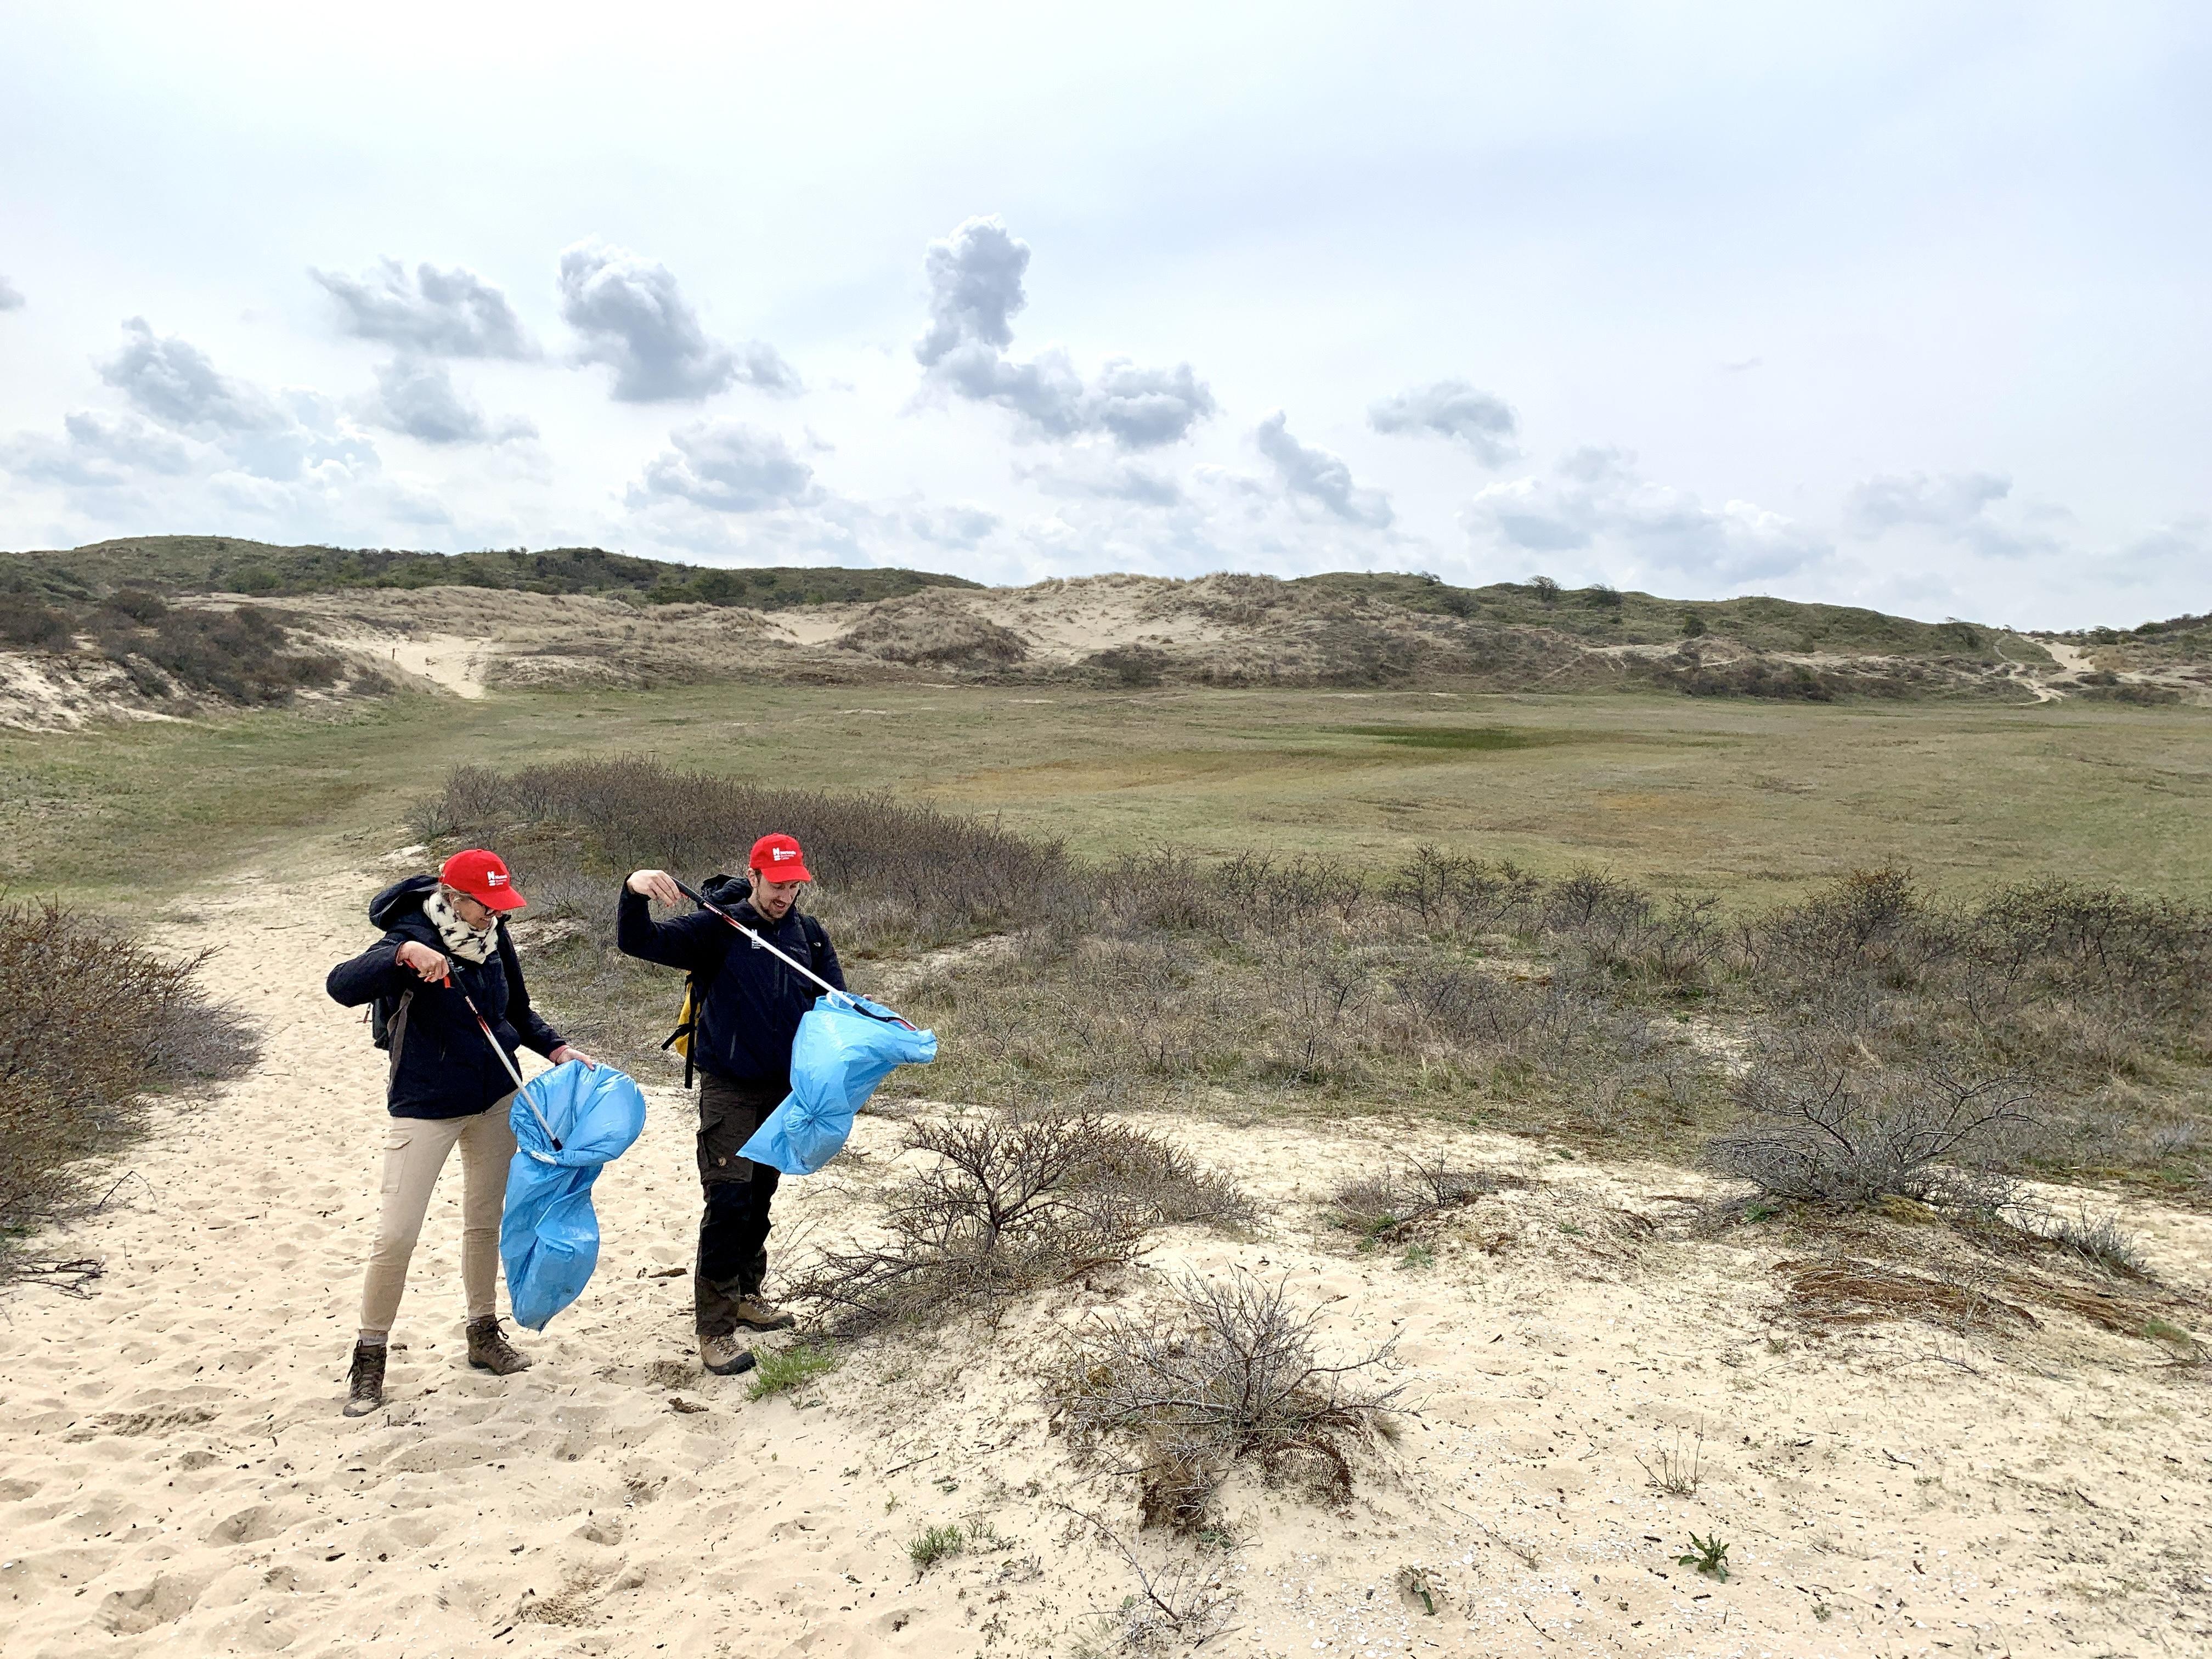 Met Naturalispet en knijpstok de duinen in: publieksmedwerkers deze maand uitgeleend aan Staatsbosbeheer, want in de natuur is nu veel meer te doen